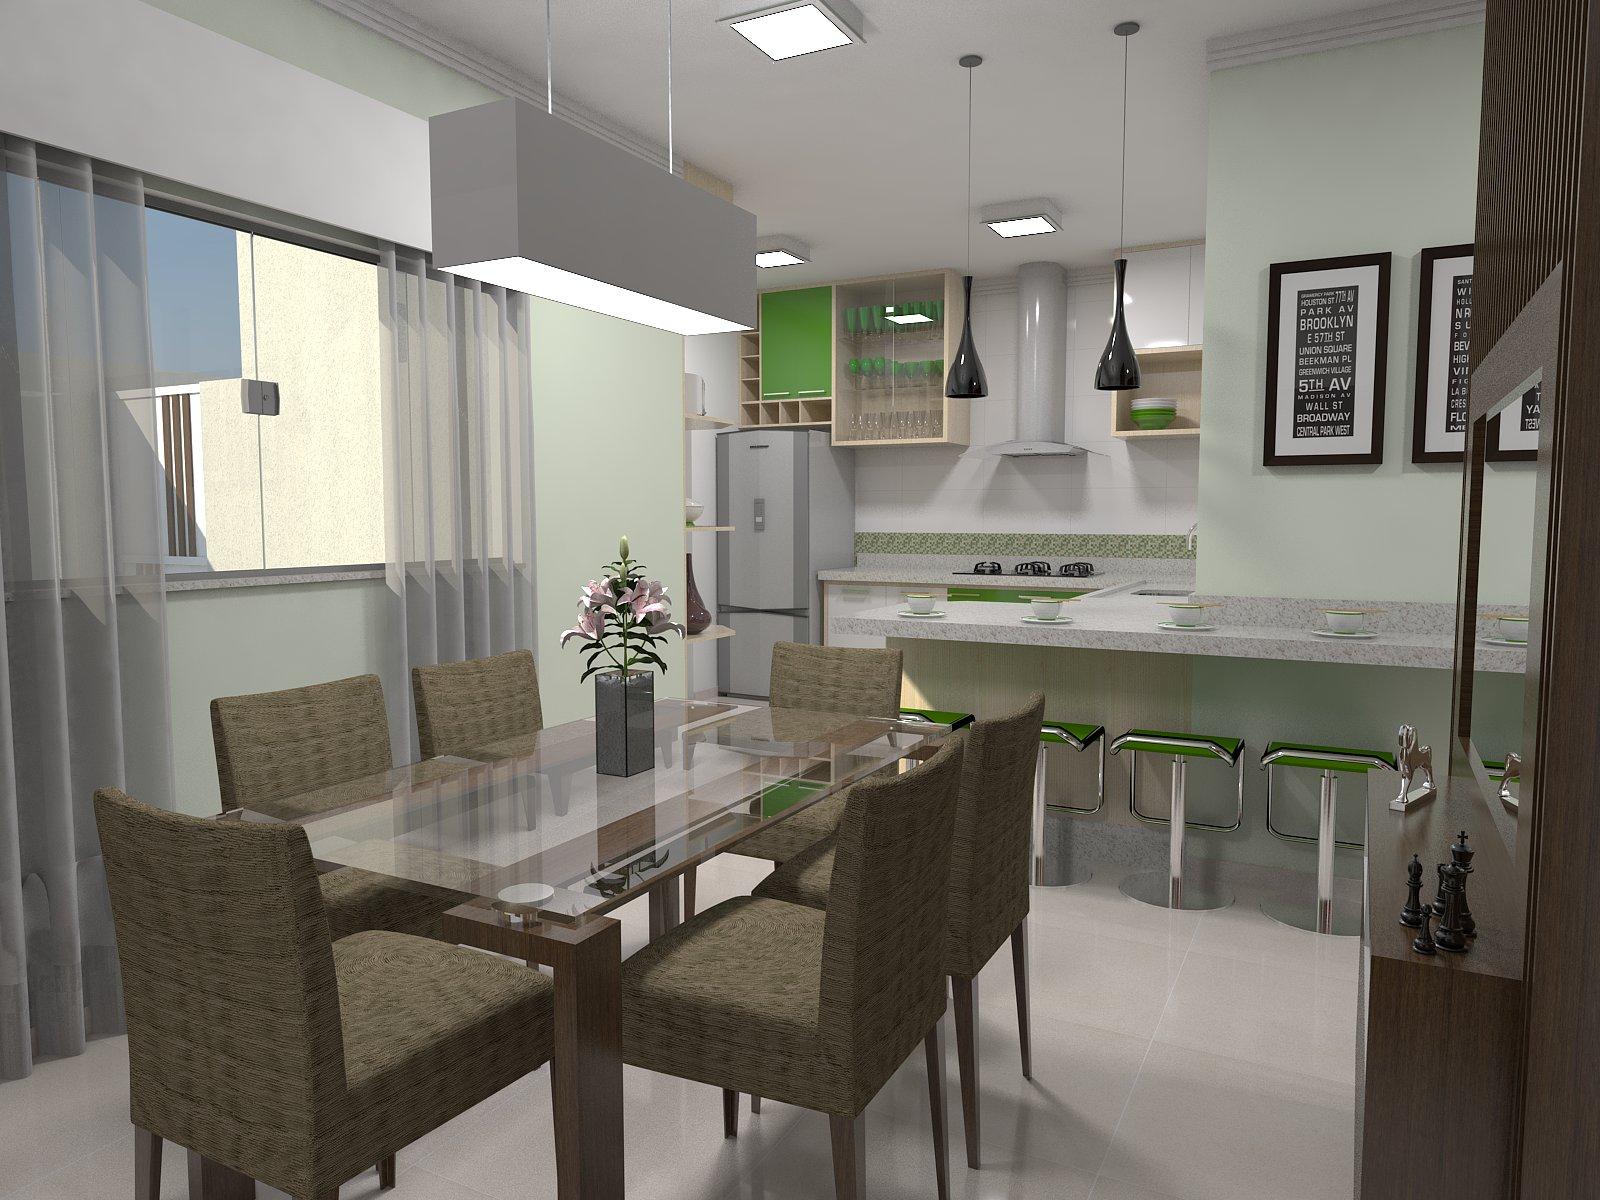 #4D5E3E Estudo Sala Jantar e Cozinha 1600x1200 px Melhores Designers De Cozinha_461 Imagens